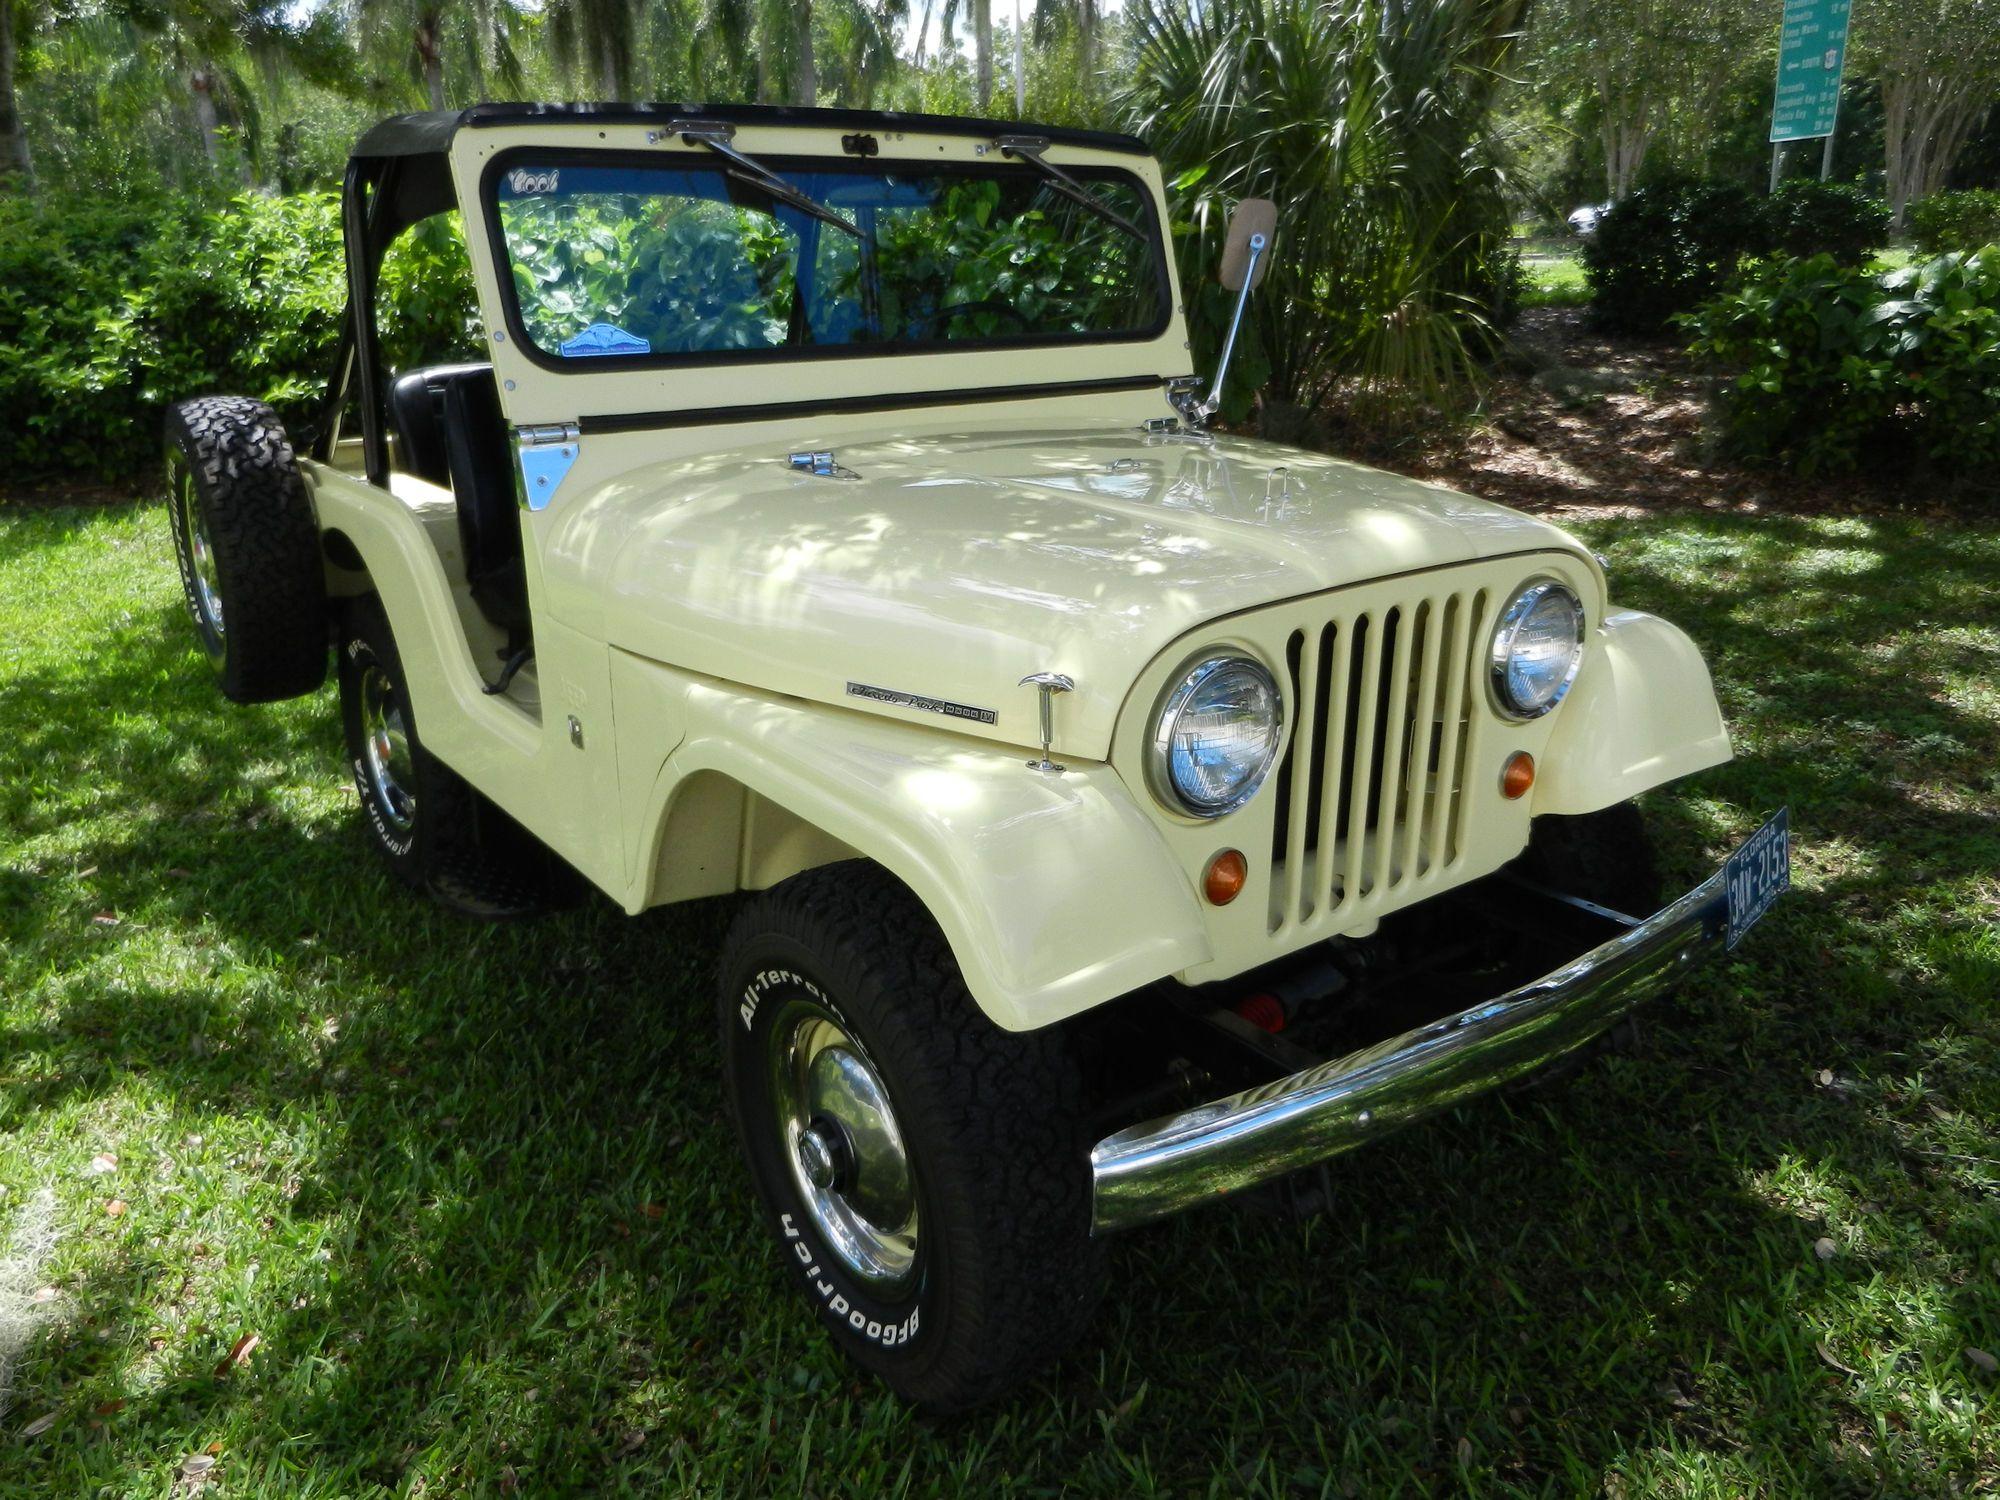 1966 Willys Kaiser Jeep Cj5 4x4 Autos Willys Jeep Pinterest